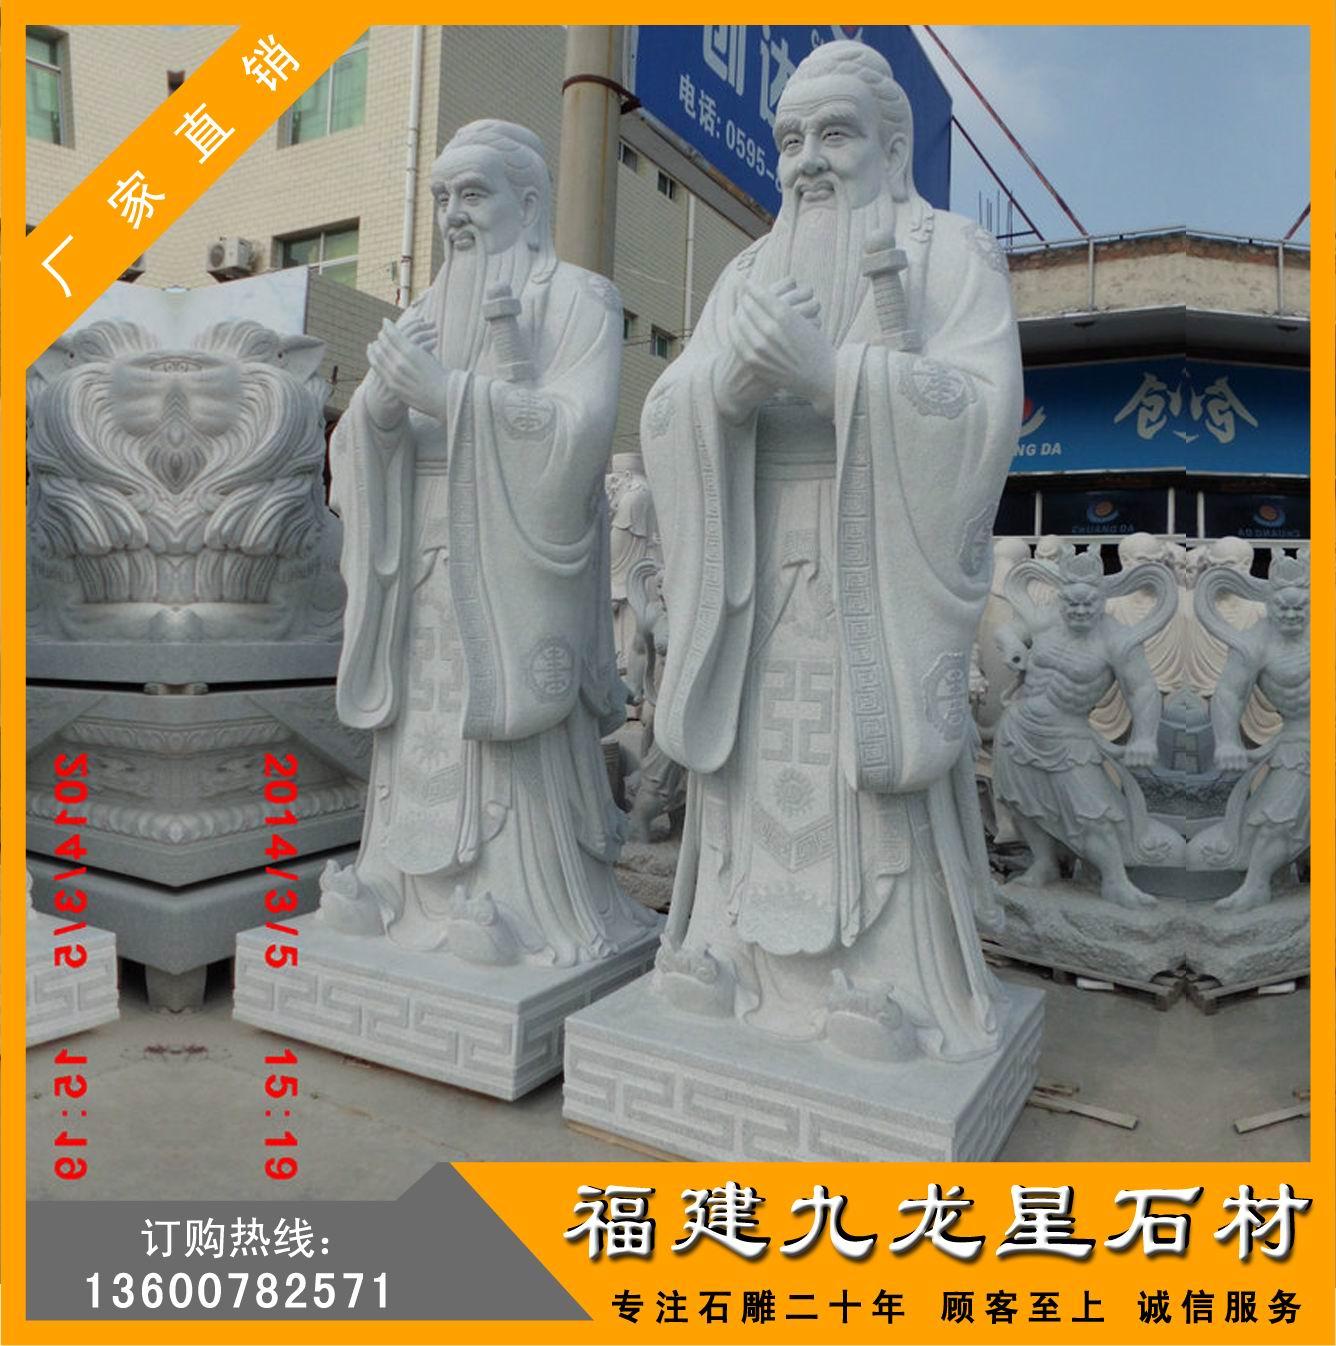 供应石雕孔子像 汉白玉石雕孔子站像 石头孔子像生产批发